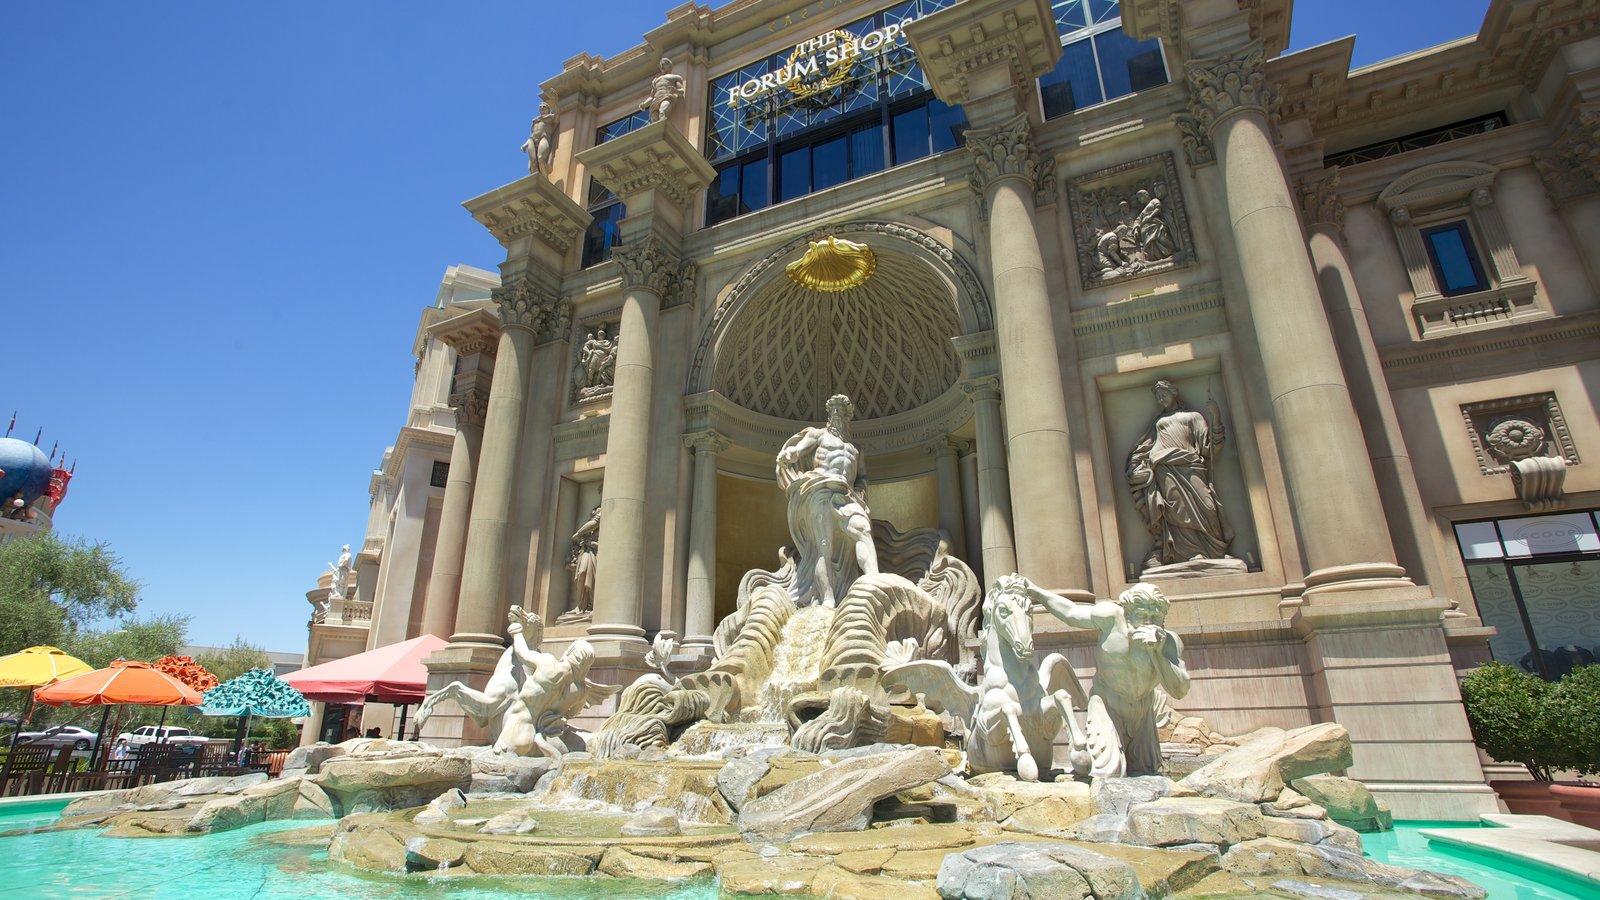 Centro comercial Forum Shops mostrando una fuente y una estatua o escultura